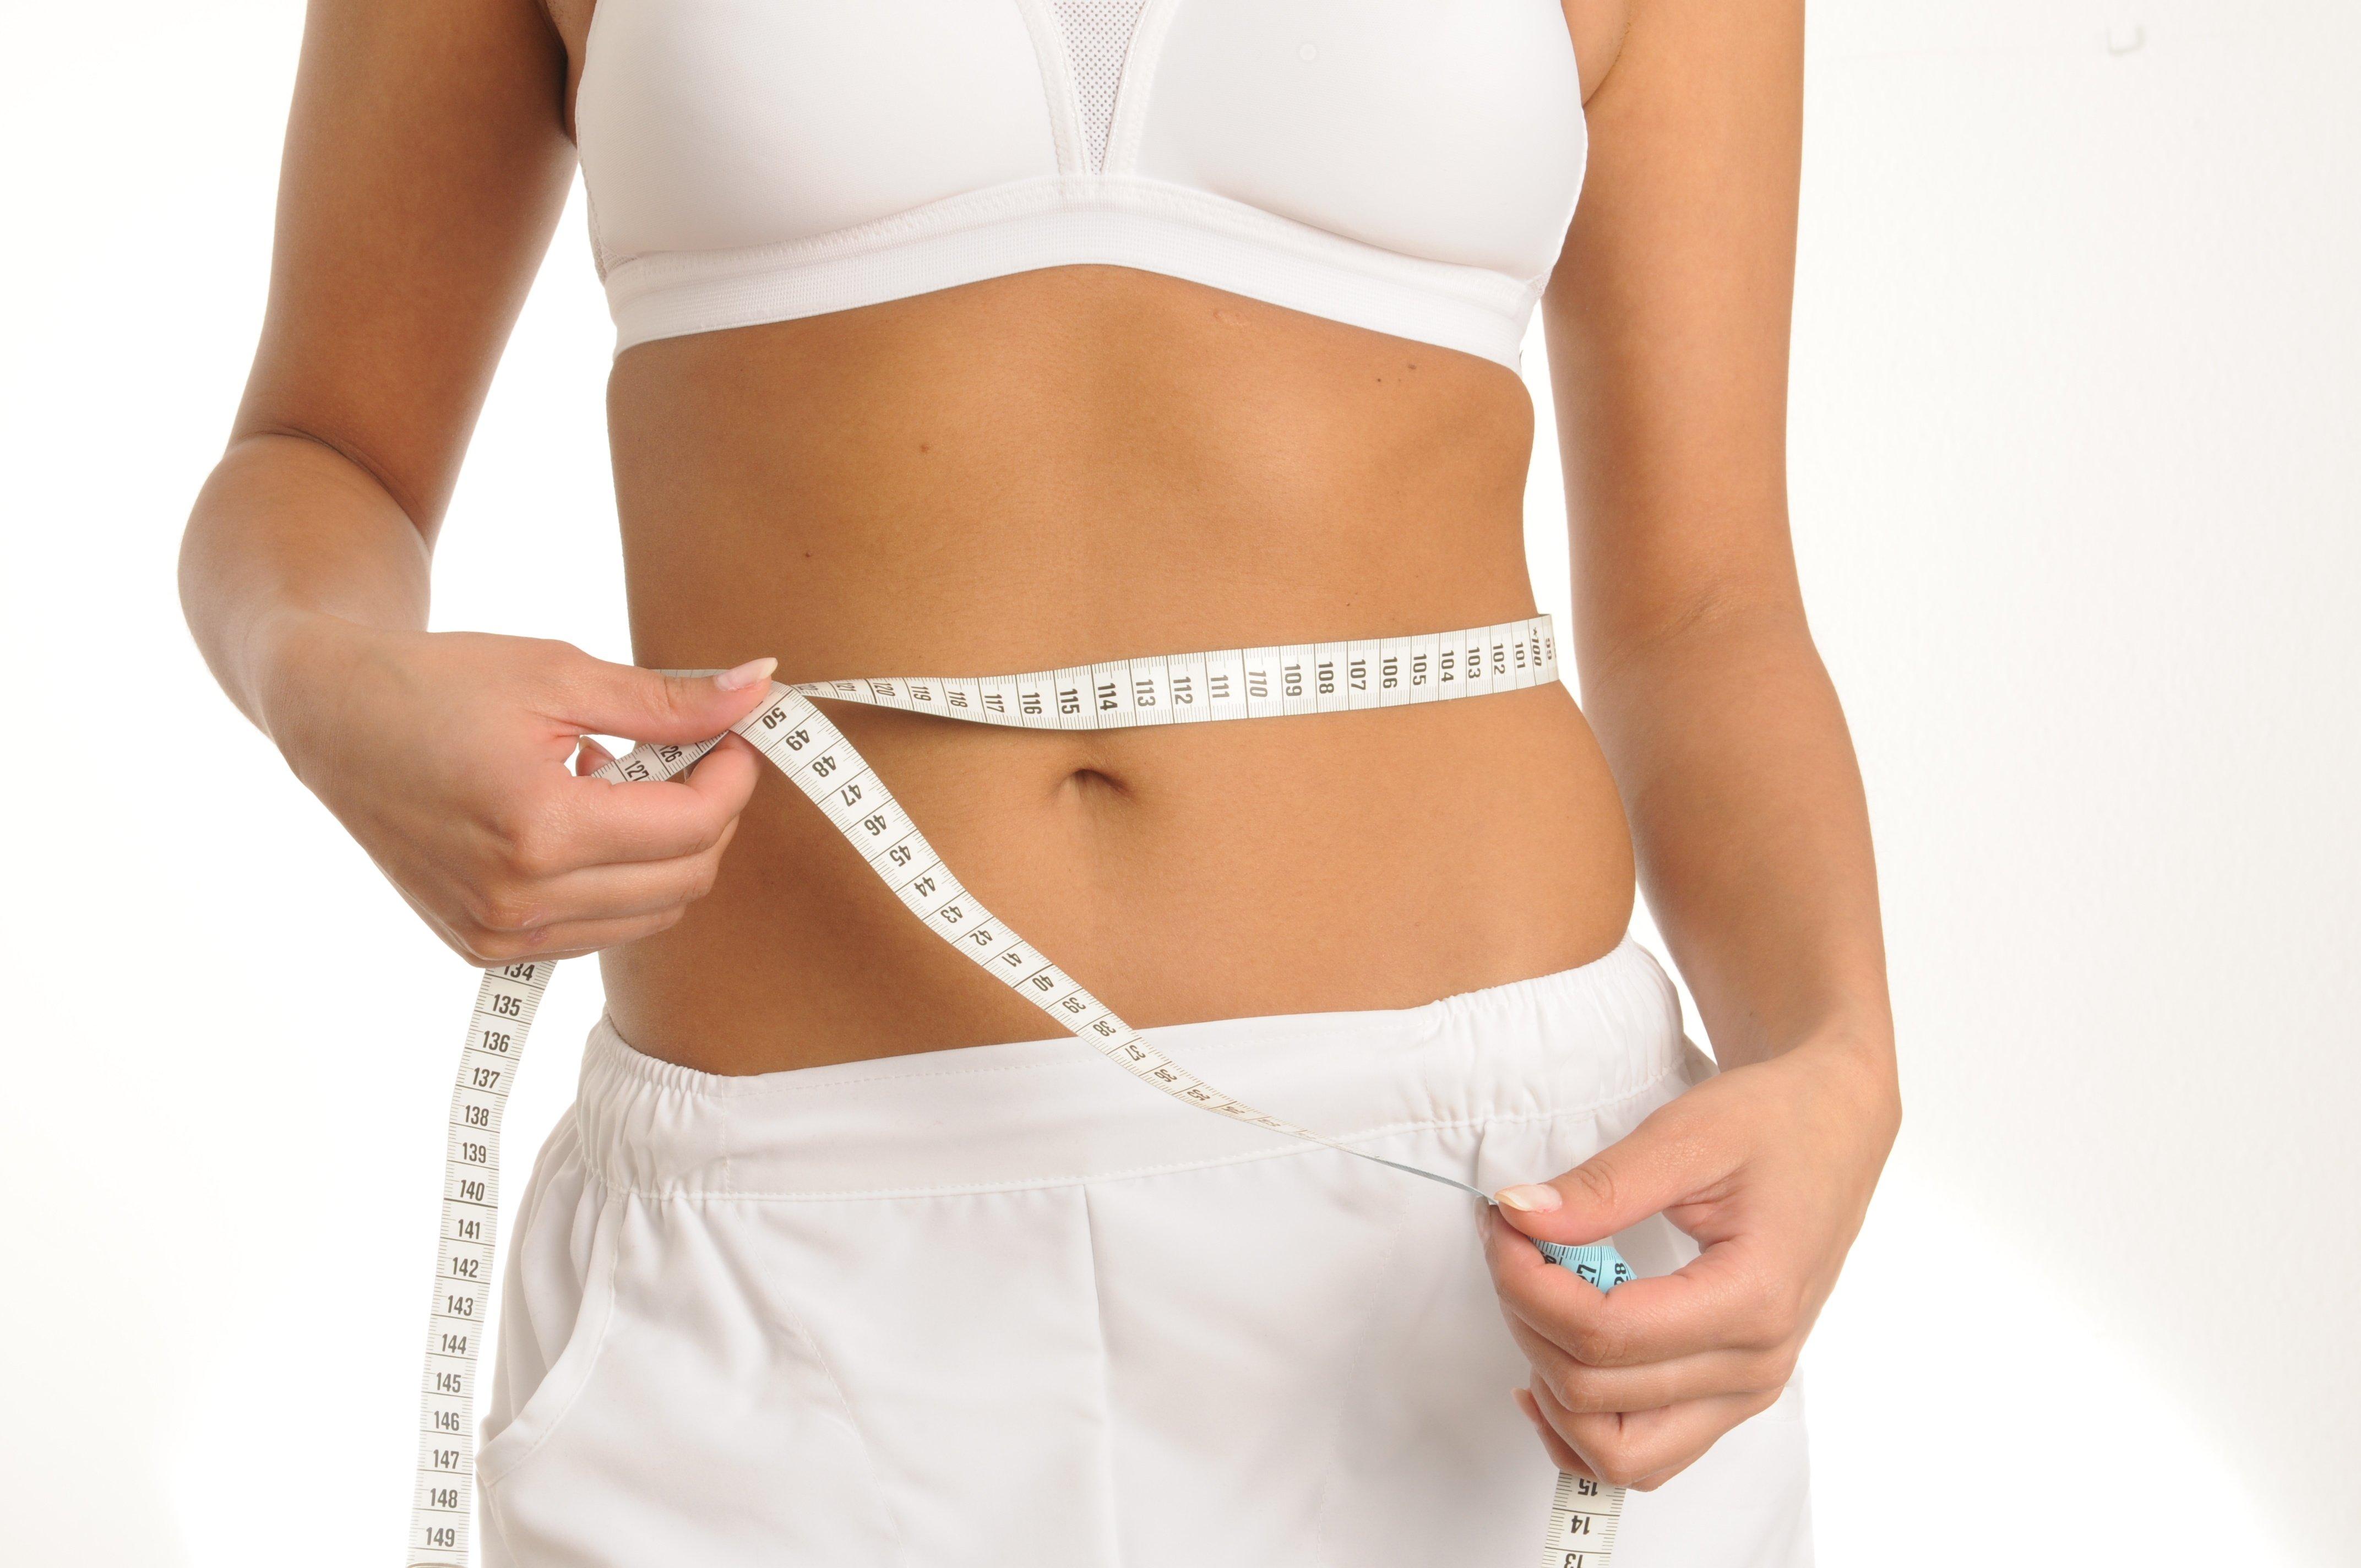 Frau misst ihren Körperumfang für Hypoxi